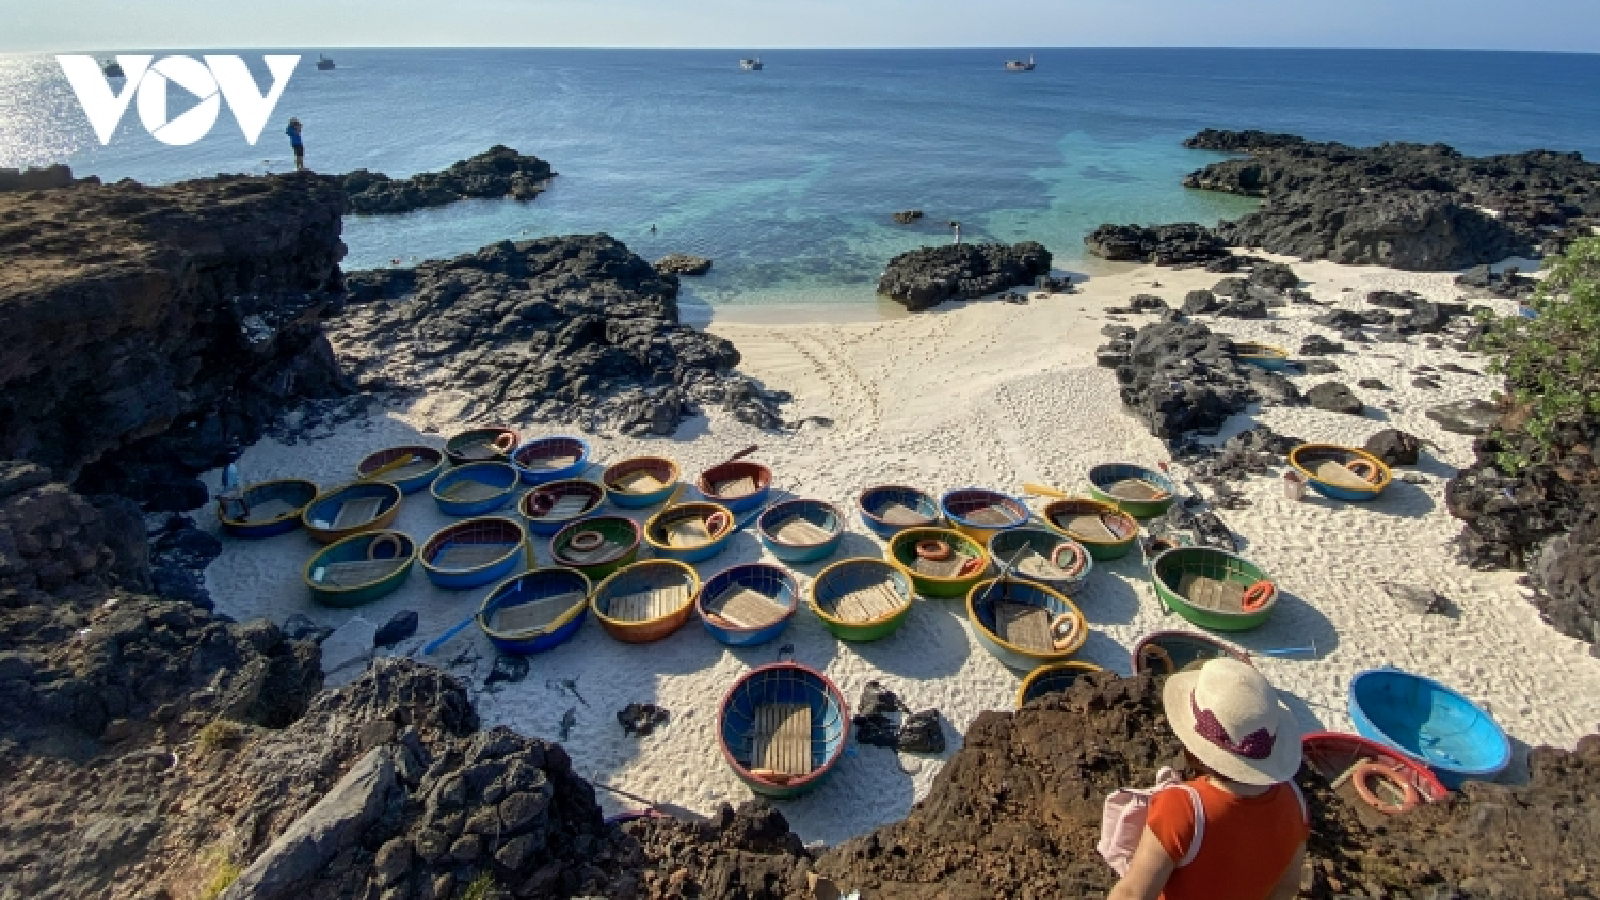 Quảng Ngãi lấy biển đảo làm chủ đạo để phục hồi du lịch